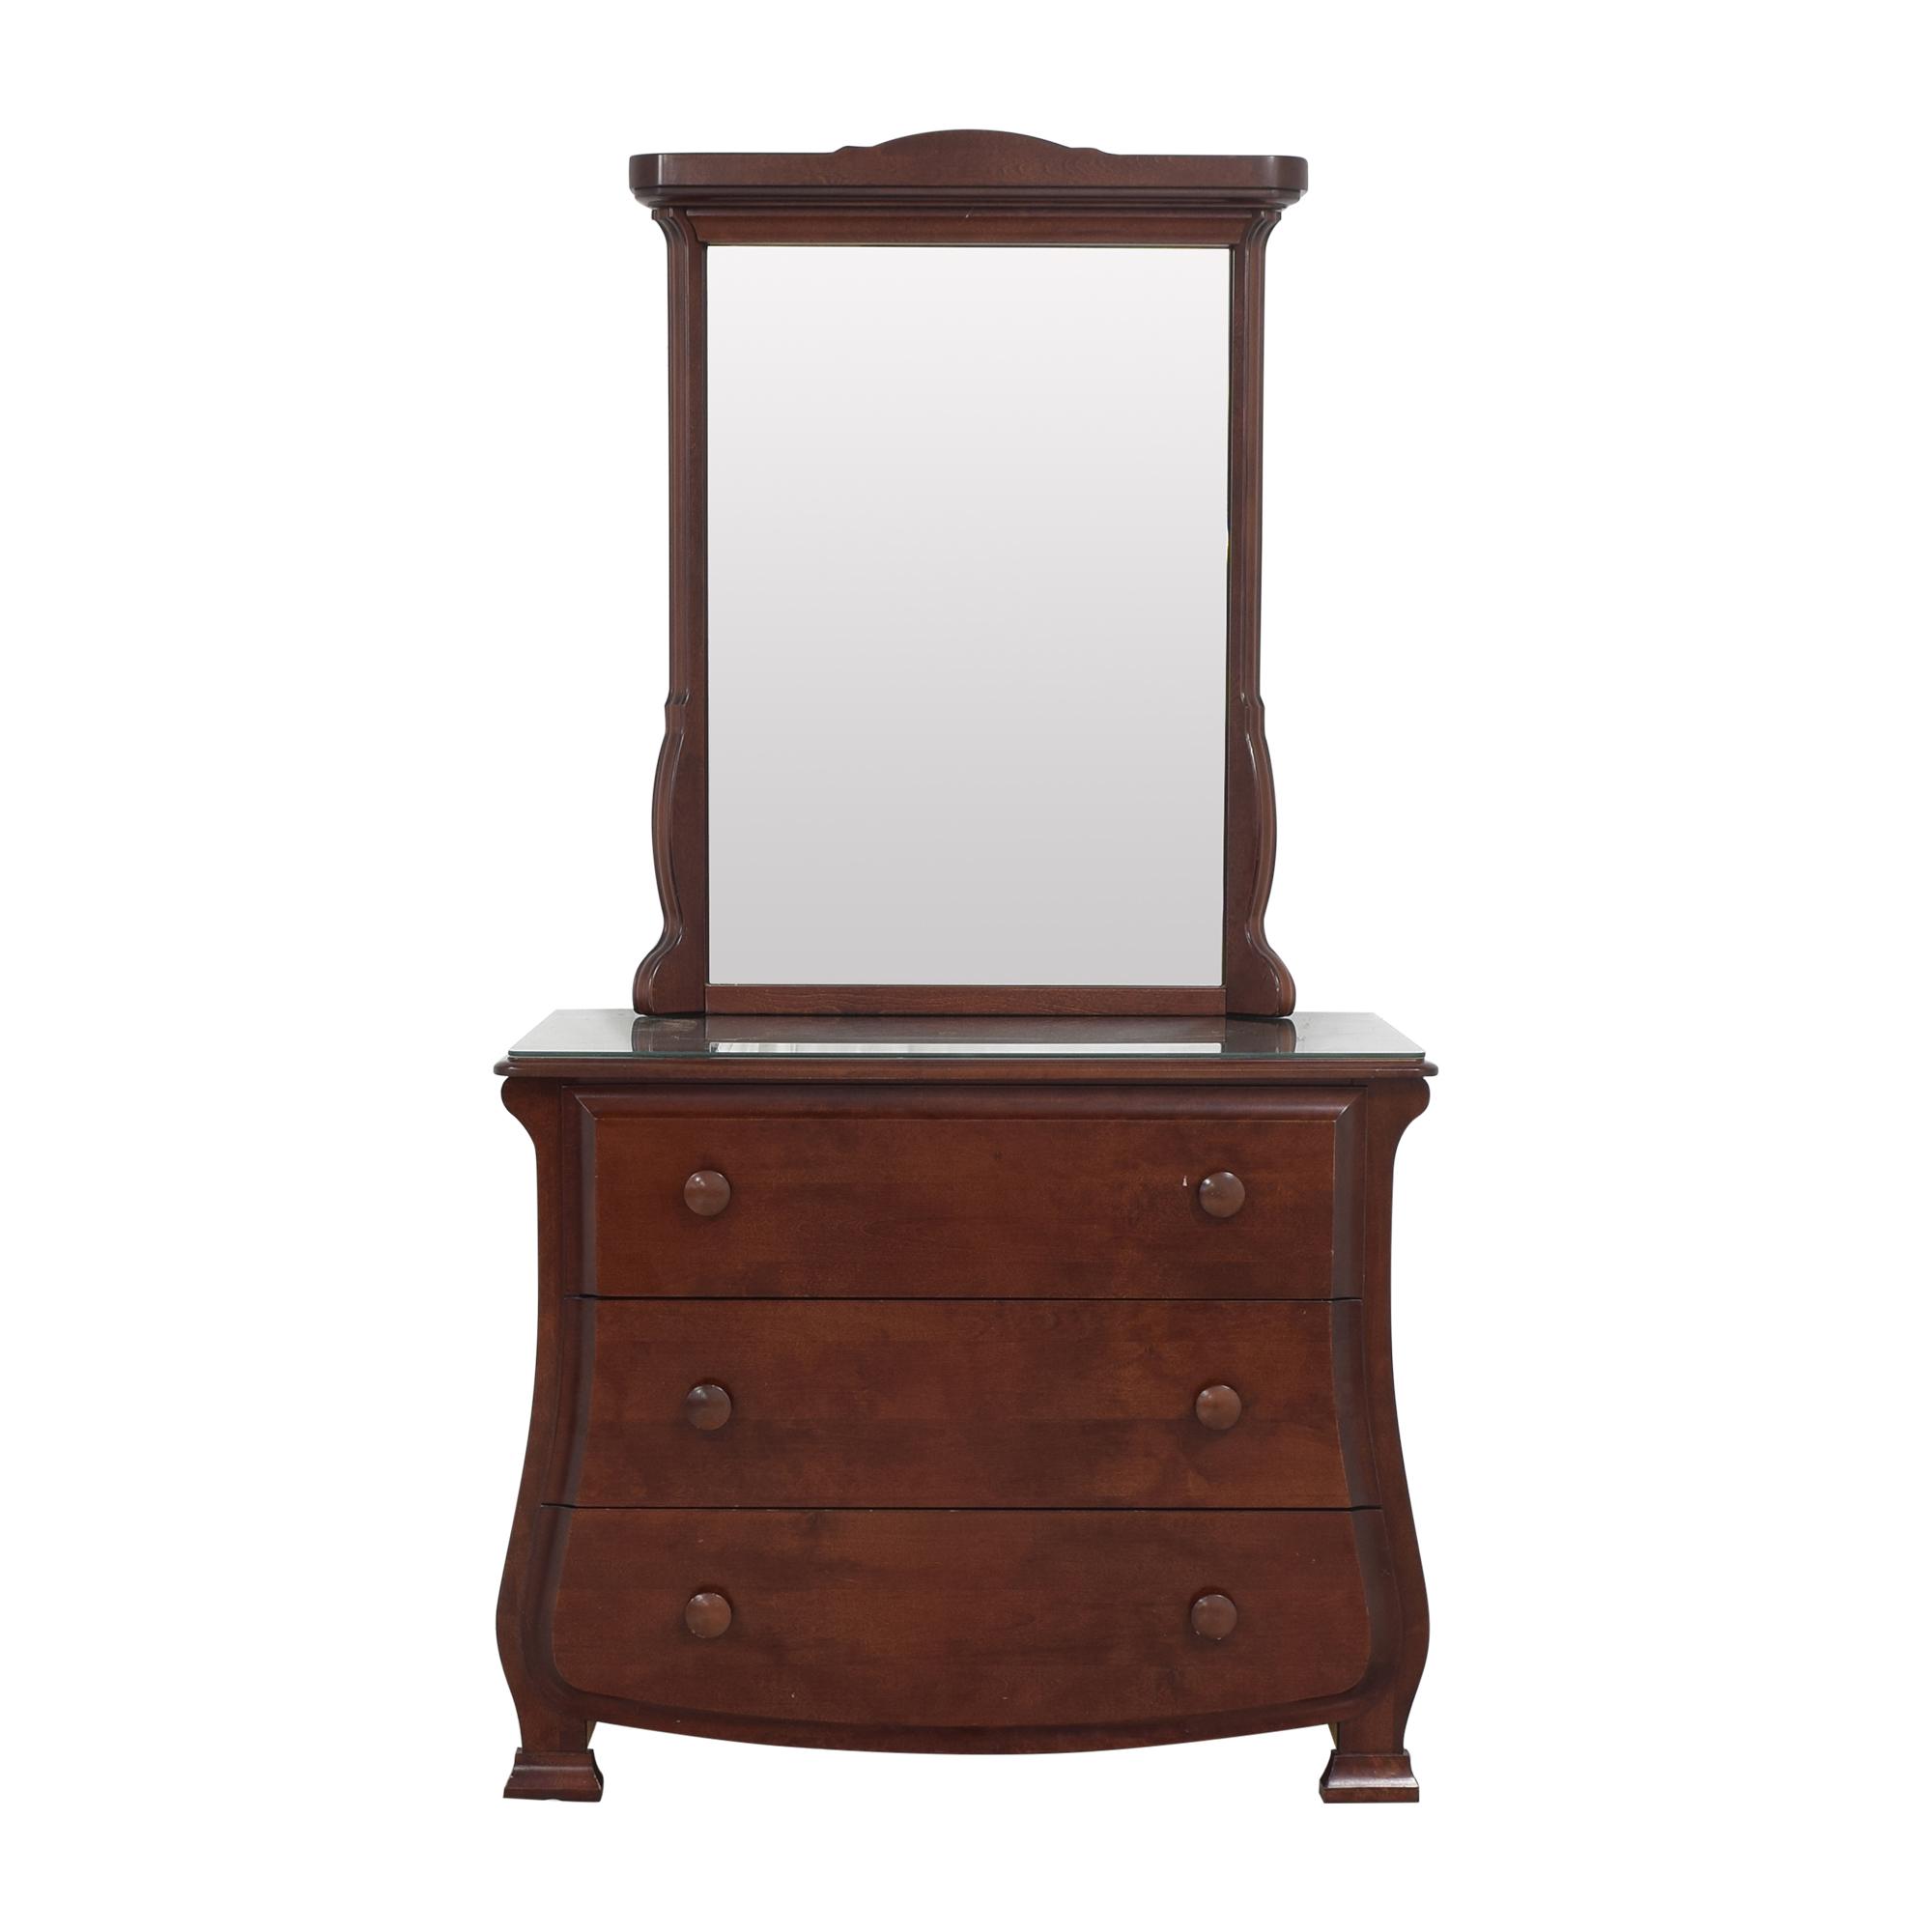 Pali Pali Designs Dresser with Mirror dark brown